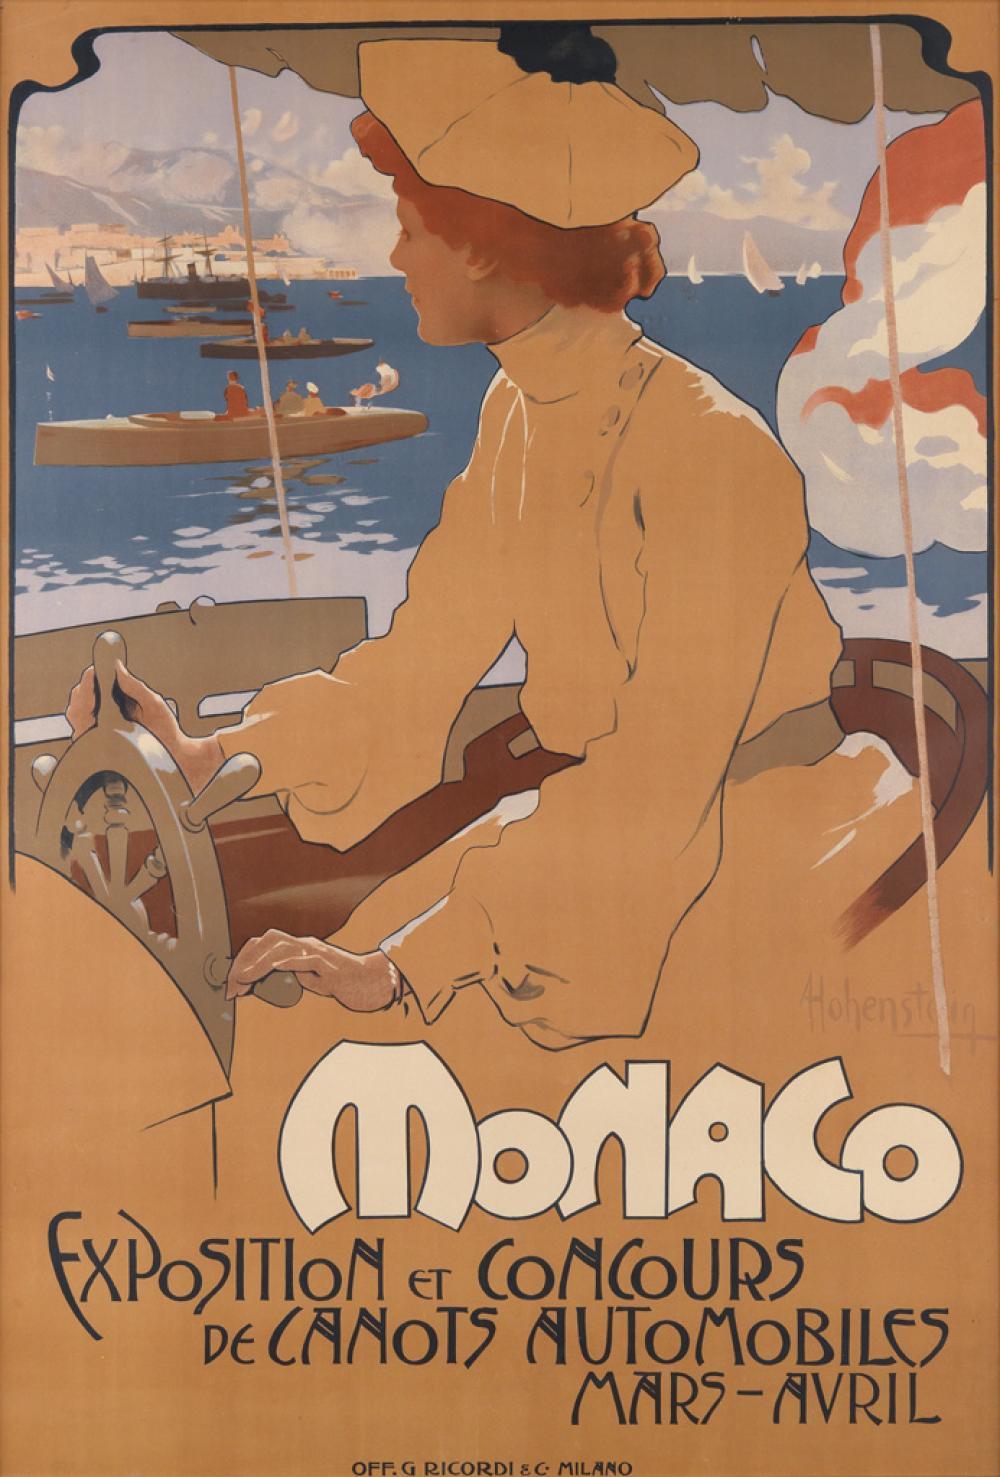 ADOLFO HOHENSTEIN (1854-1928). MONACO / EXPOSITION ET CONCOURS DE CANOTS AUTOMOBILES. 1900. 47x32 inches, 119x81 cm. G. Ricordi & C., M